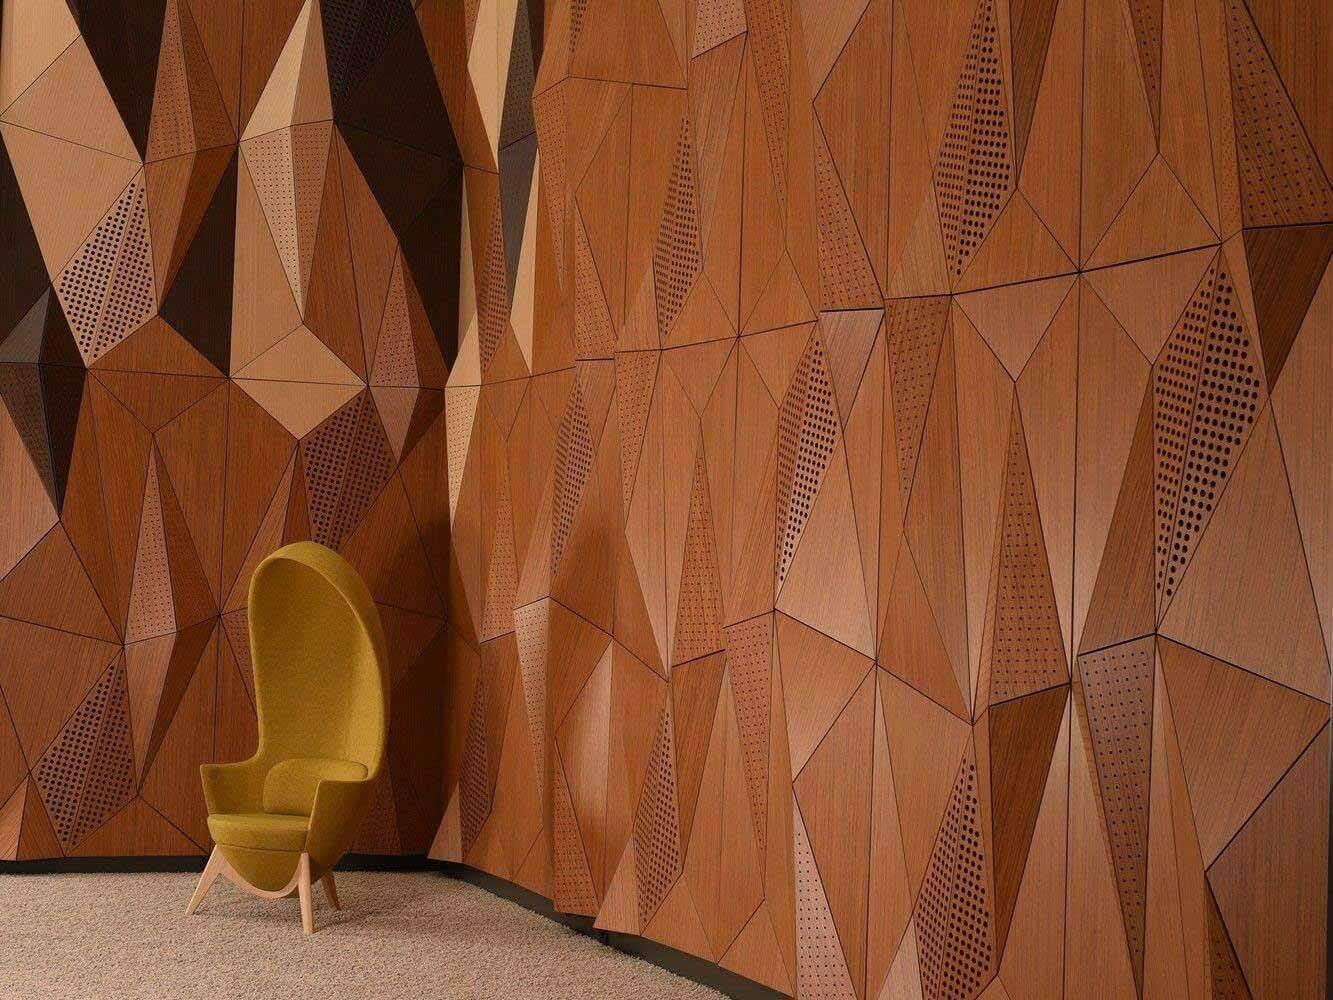 От гостеприимства без эха к чистым конференц-залам: создание идеального звукового ландшафта